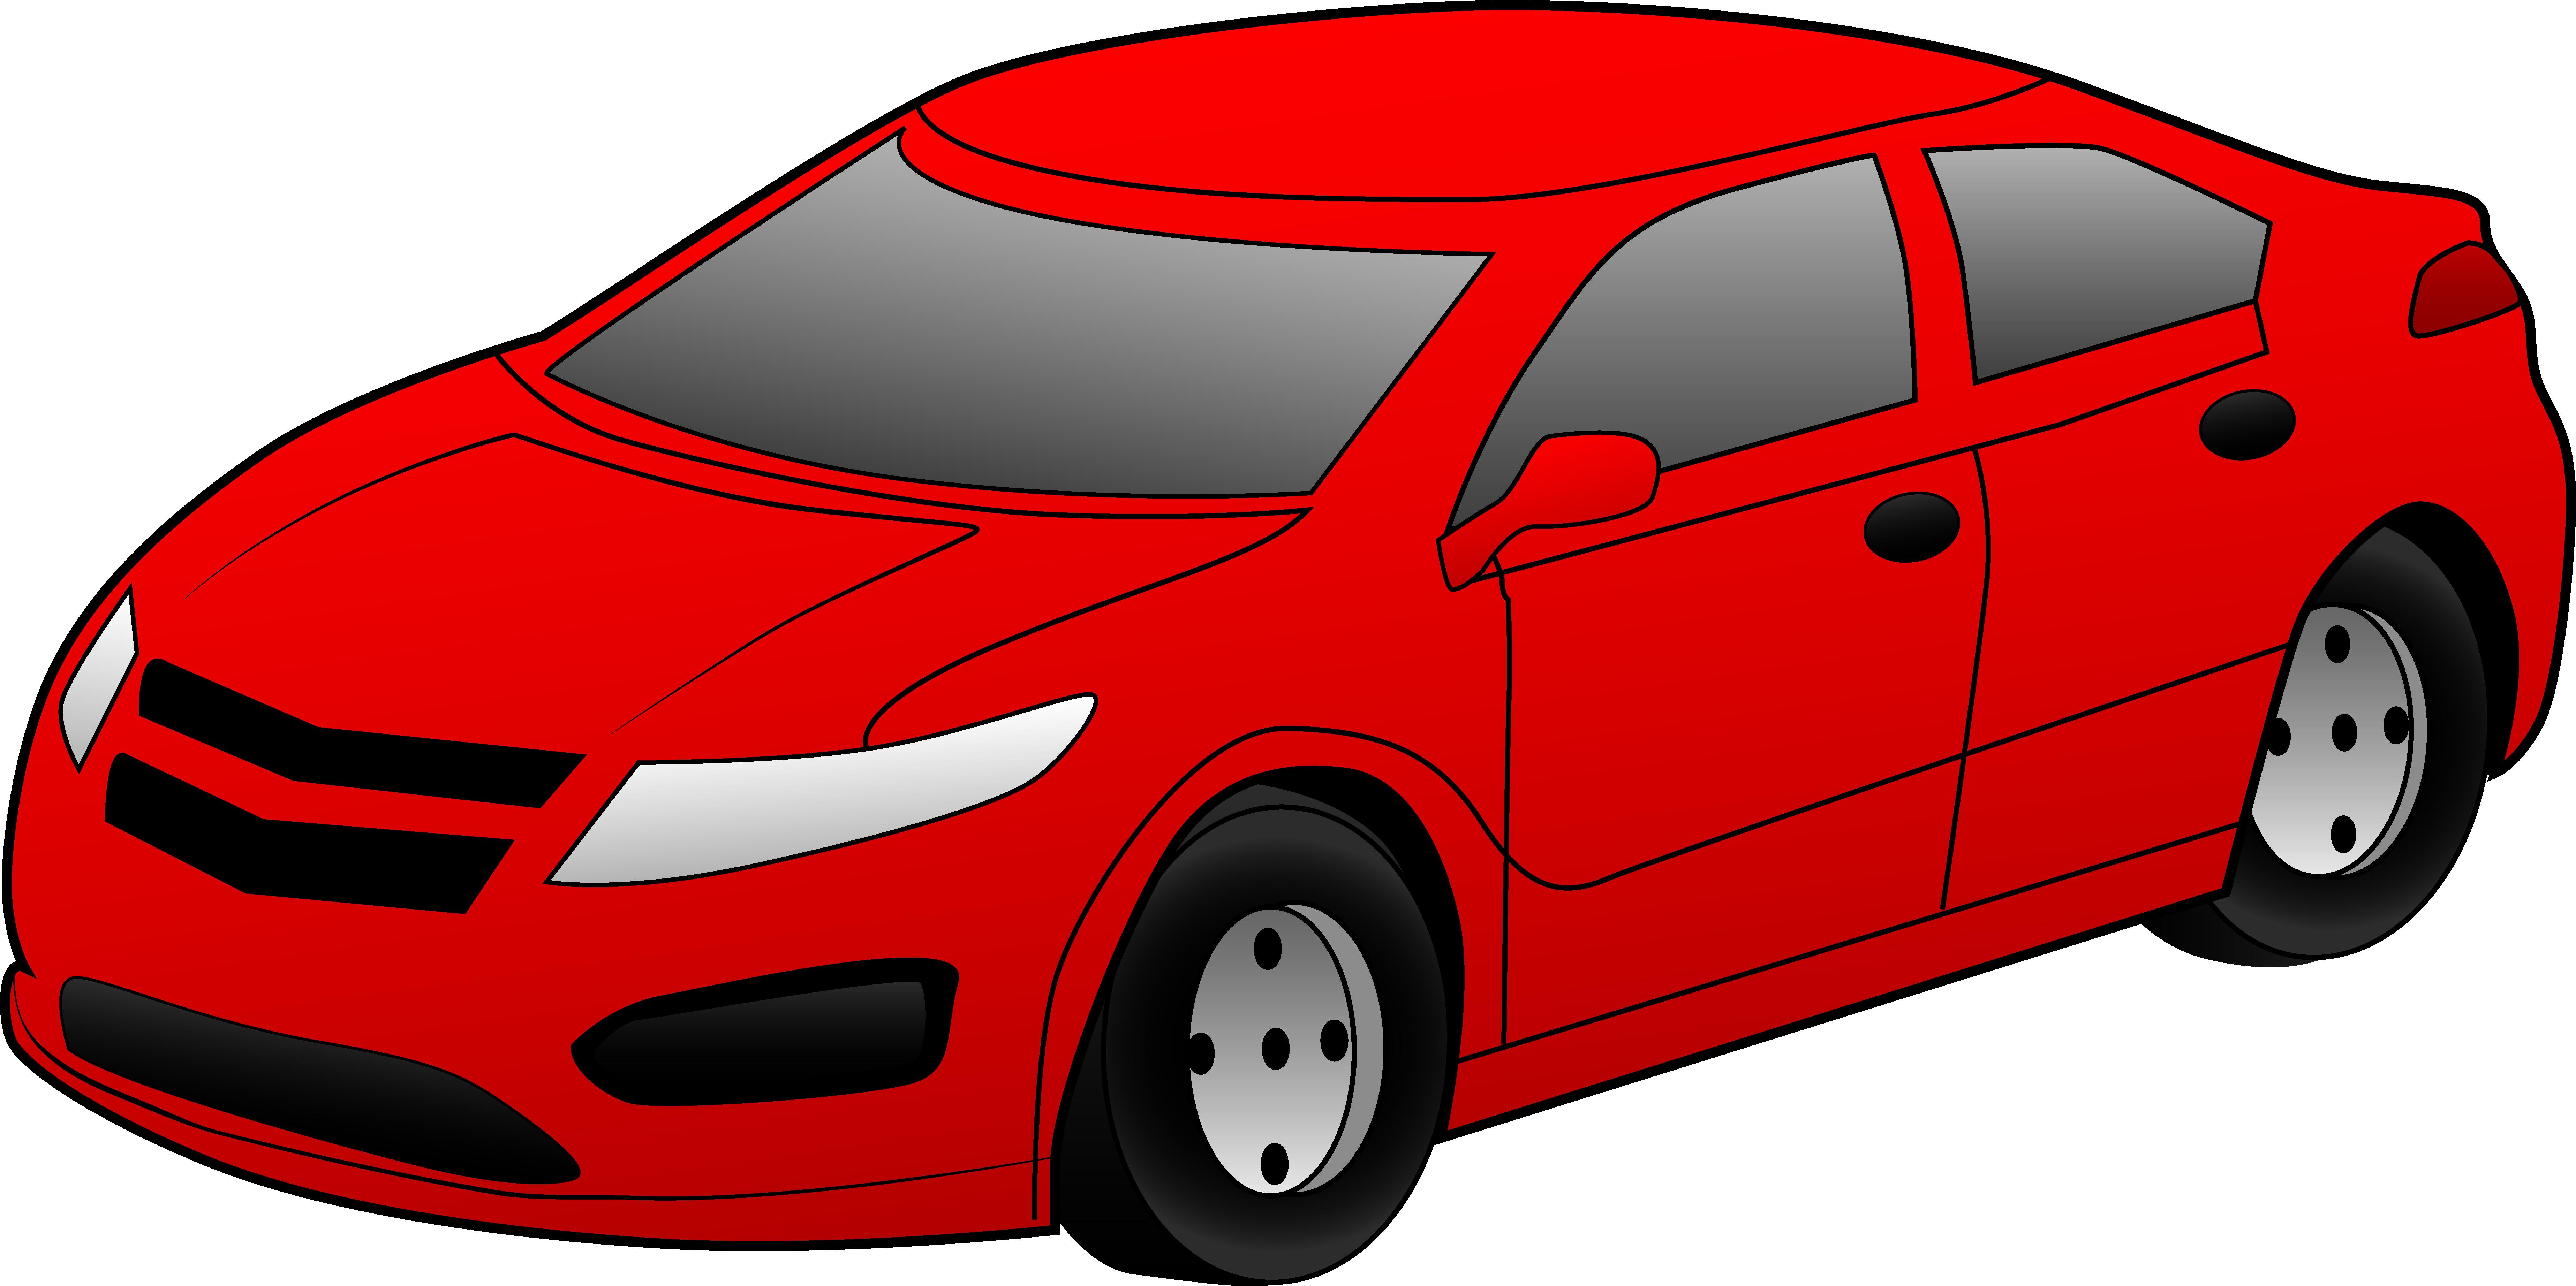 Car Clipart-car clipart-2